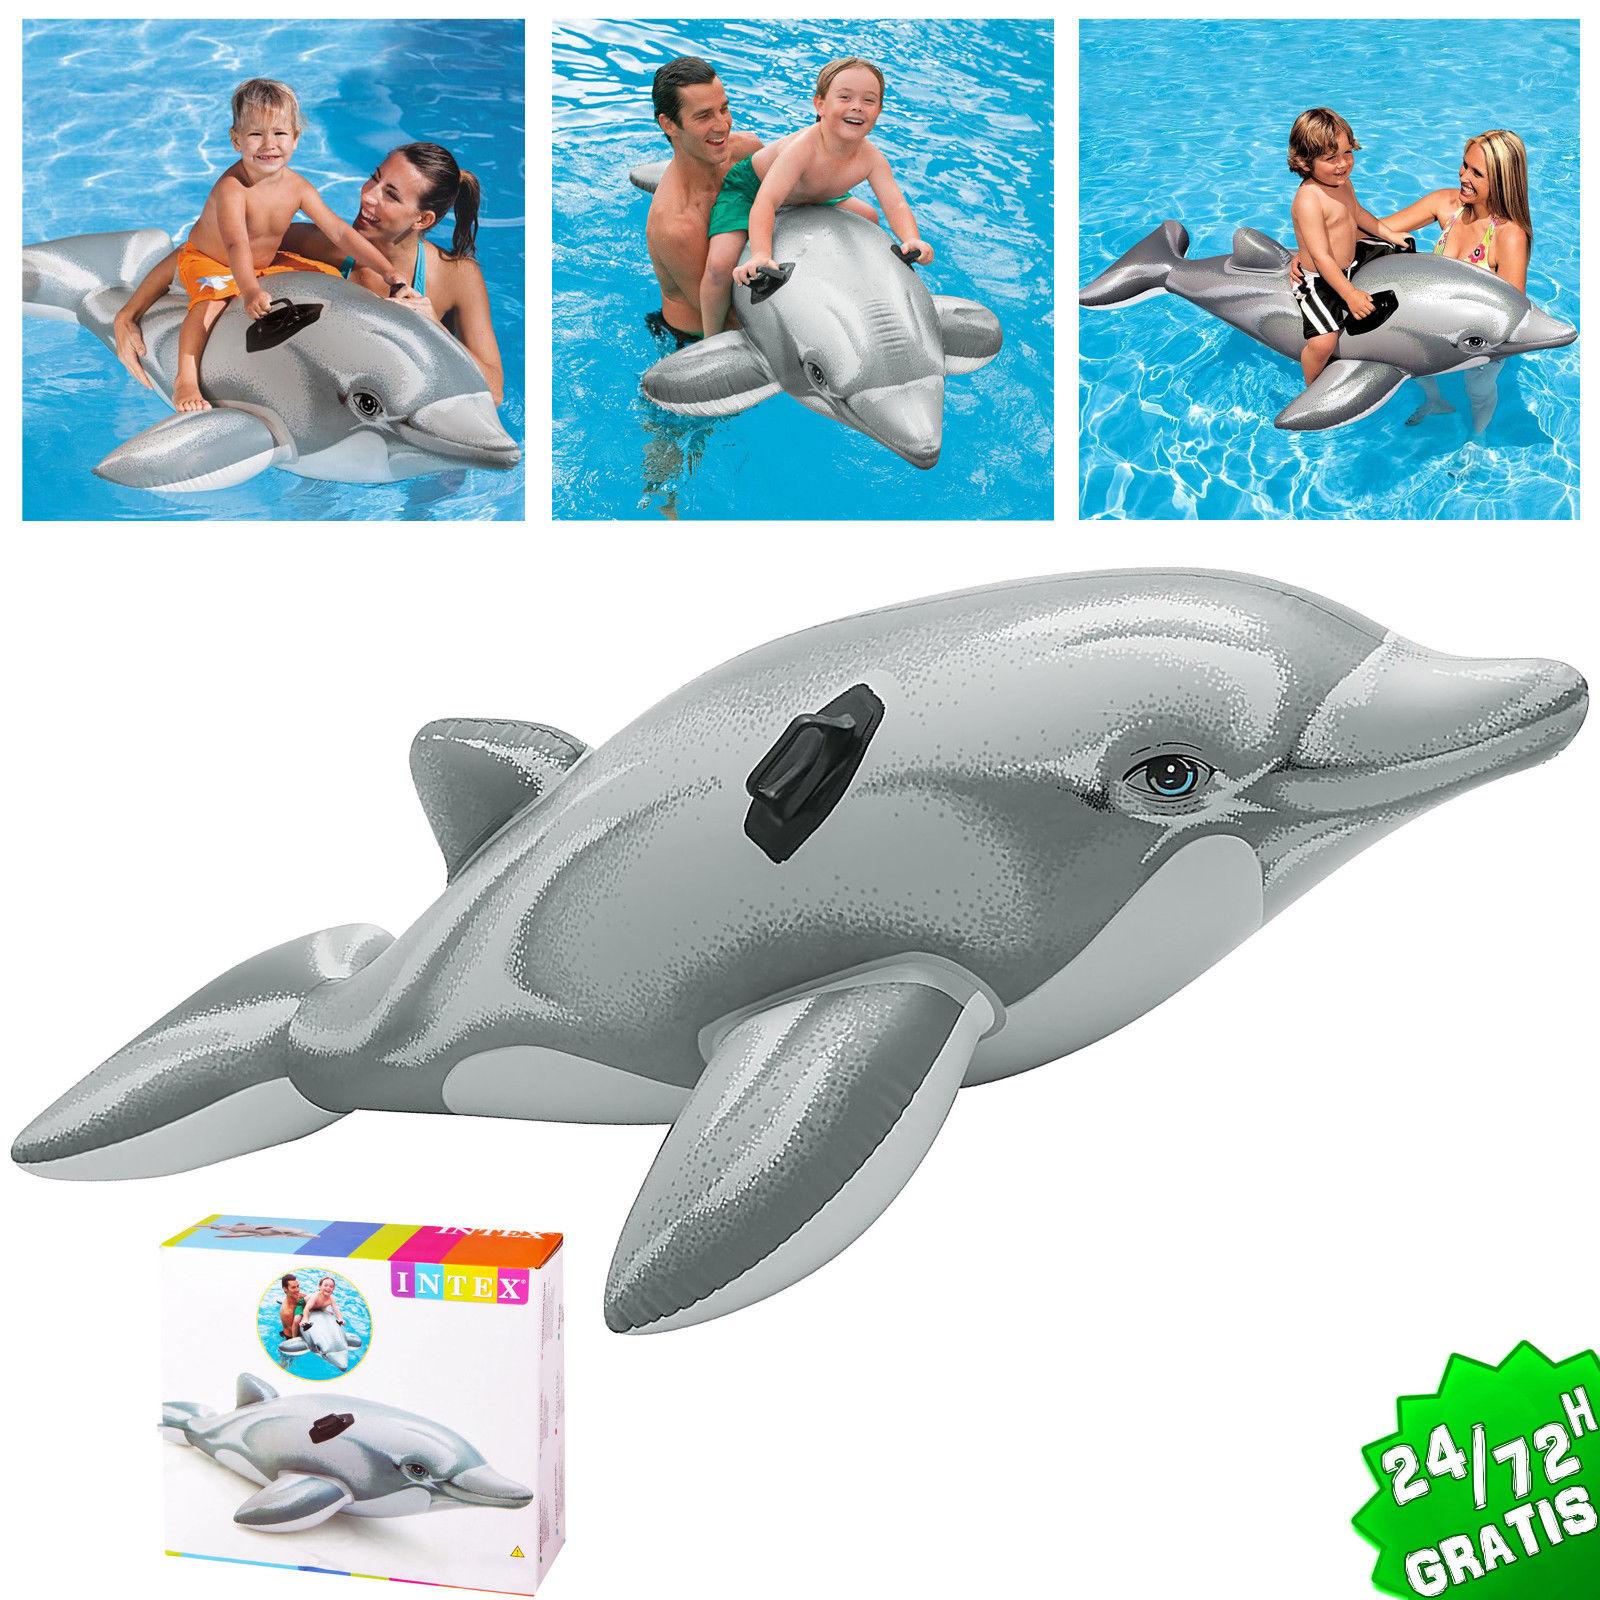 Delfin Hinchable Piscina Playa